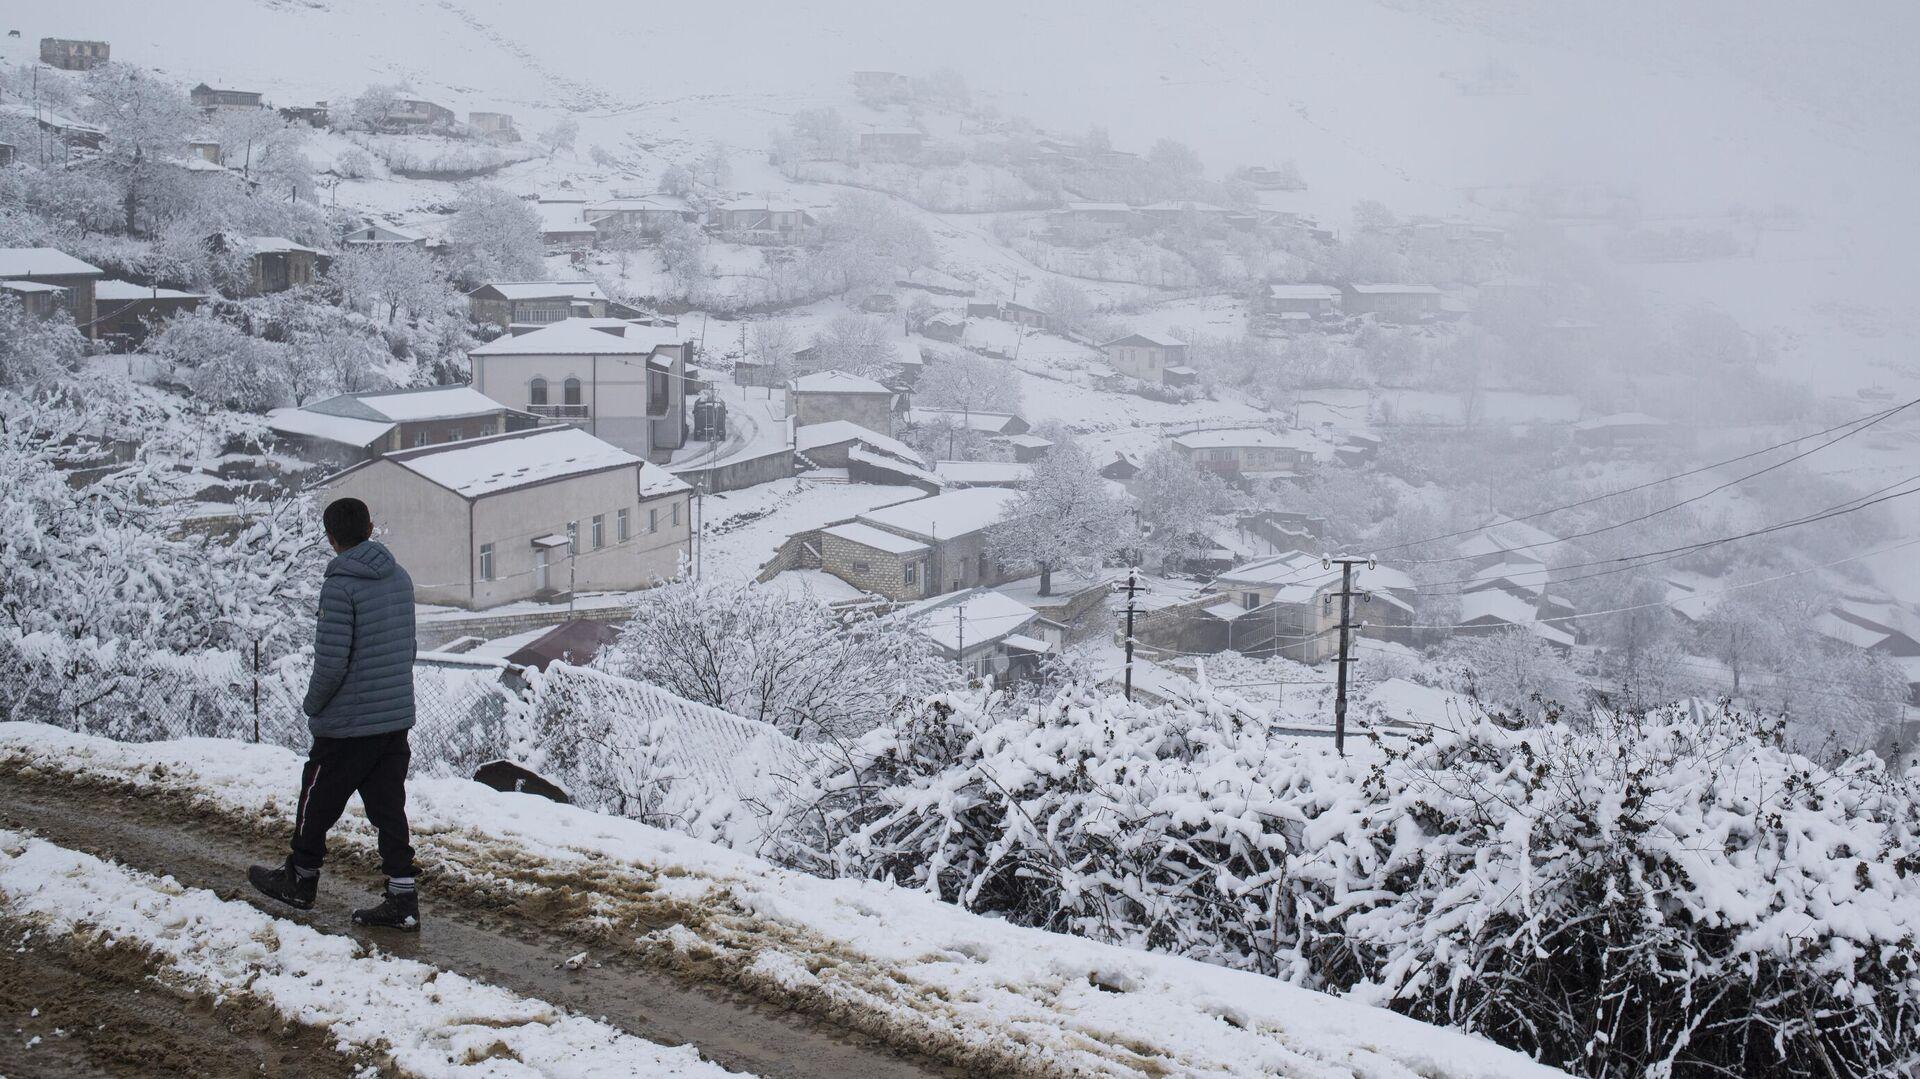 Село Хин Шен в Нагорном Карабахе - РИА Новости, 1920, 12.02.2021